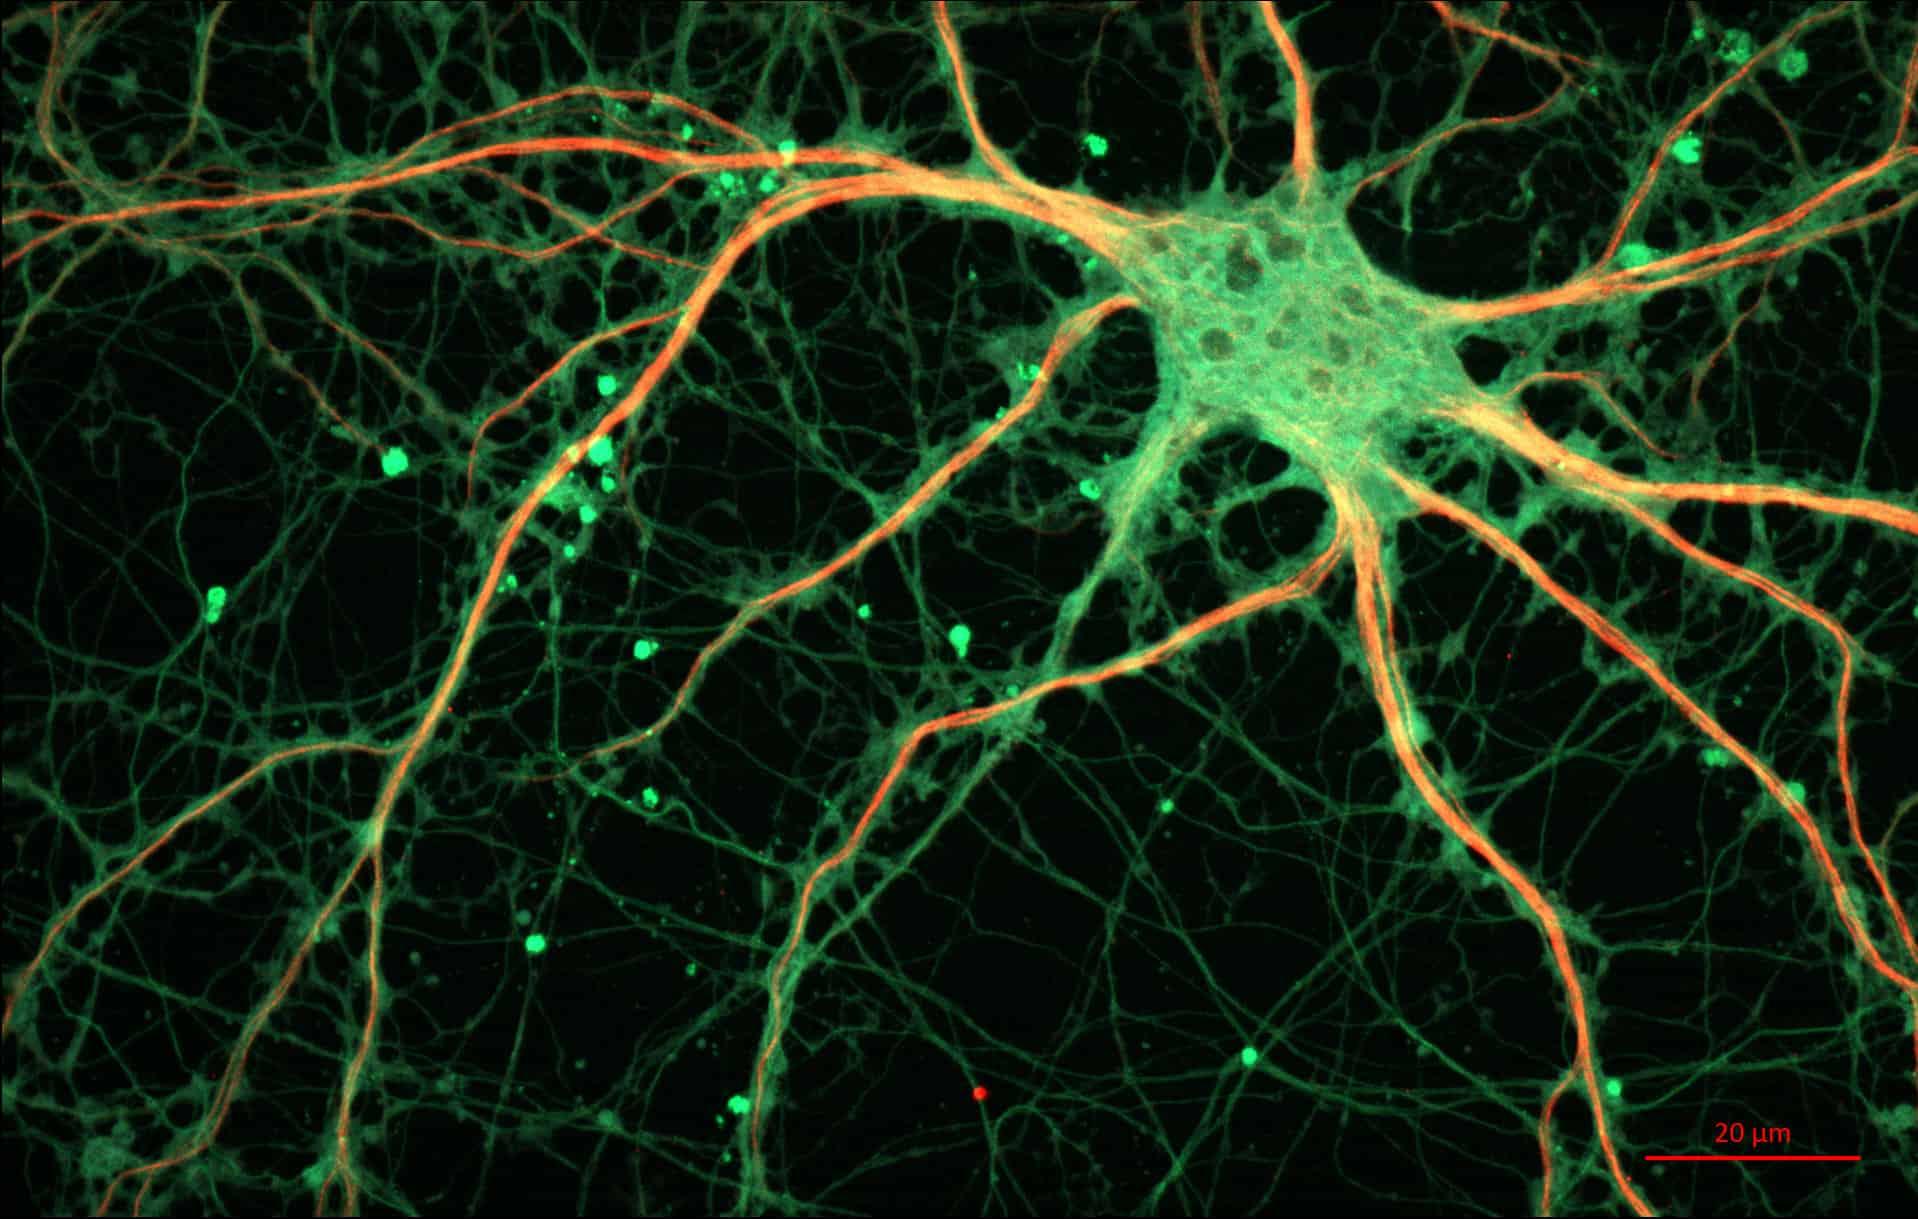 Qué es la sinapsis eléctrica? – Curiosoando